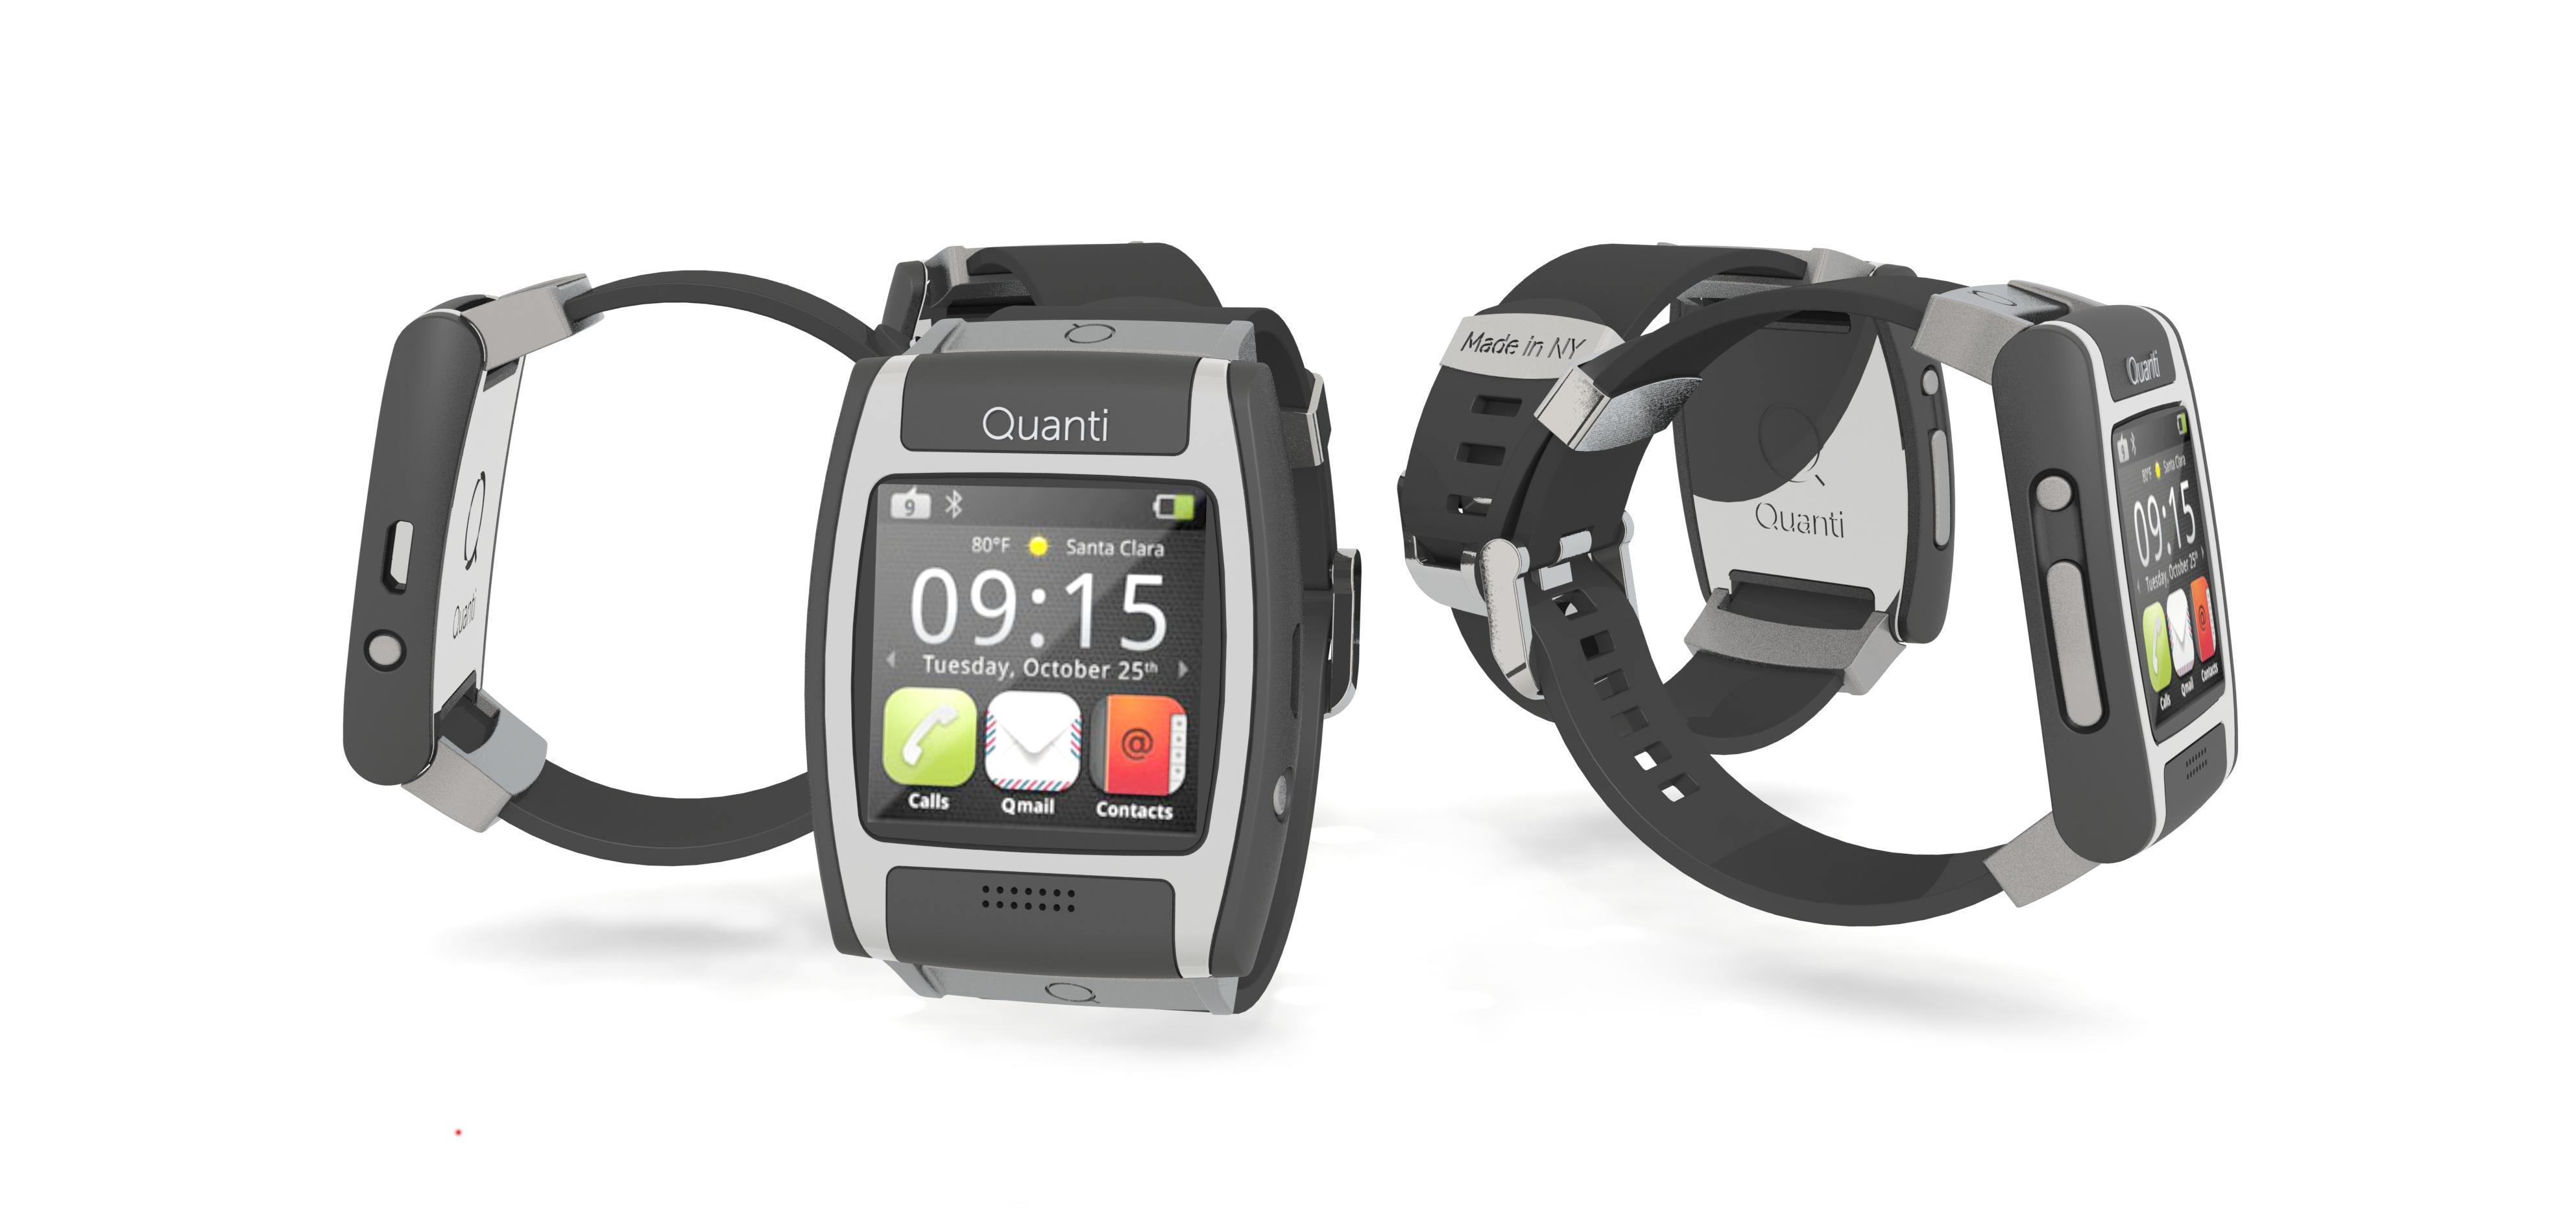 quanti watch x 5